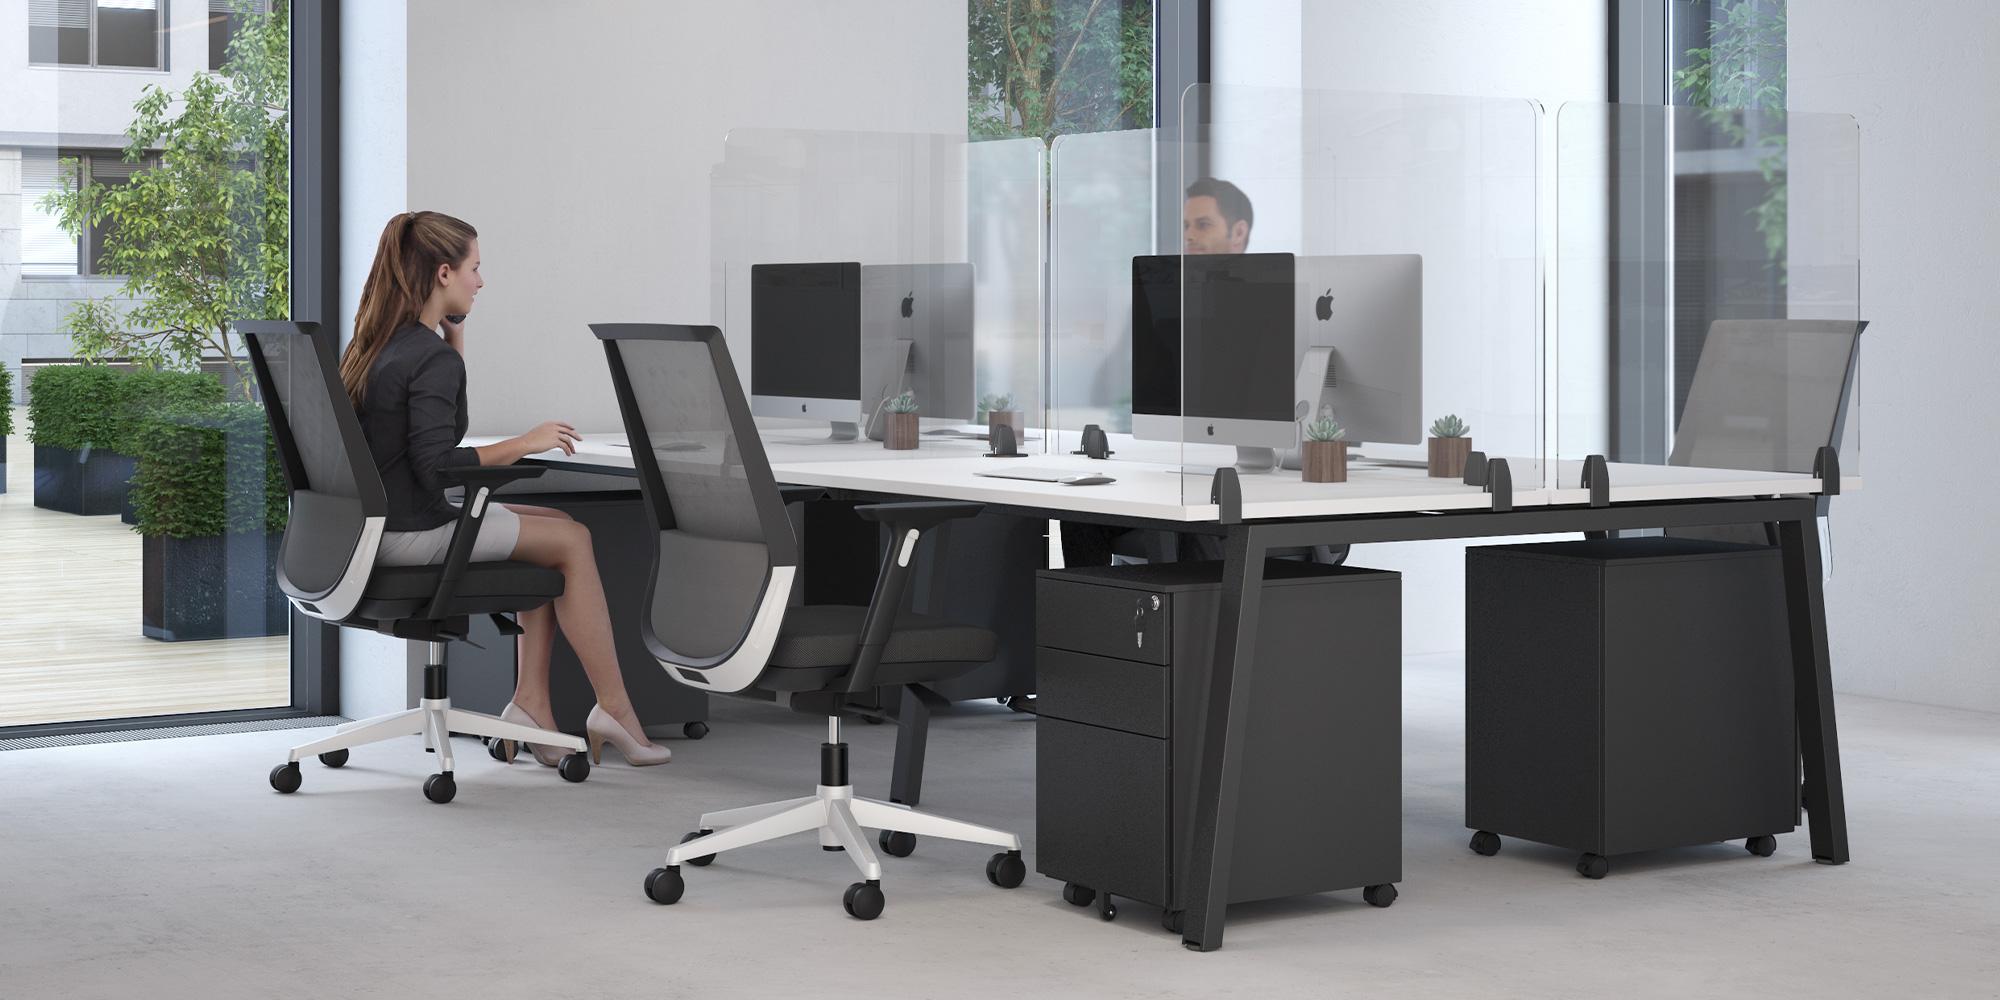 Loop Task and Meeting Seating Roomset